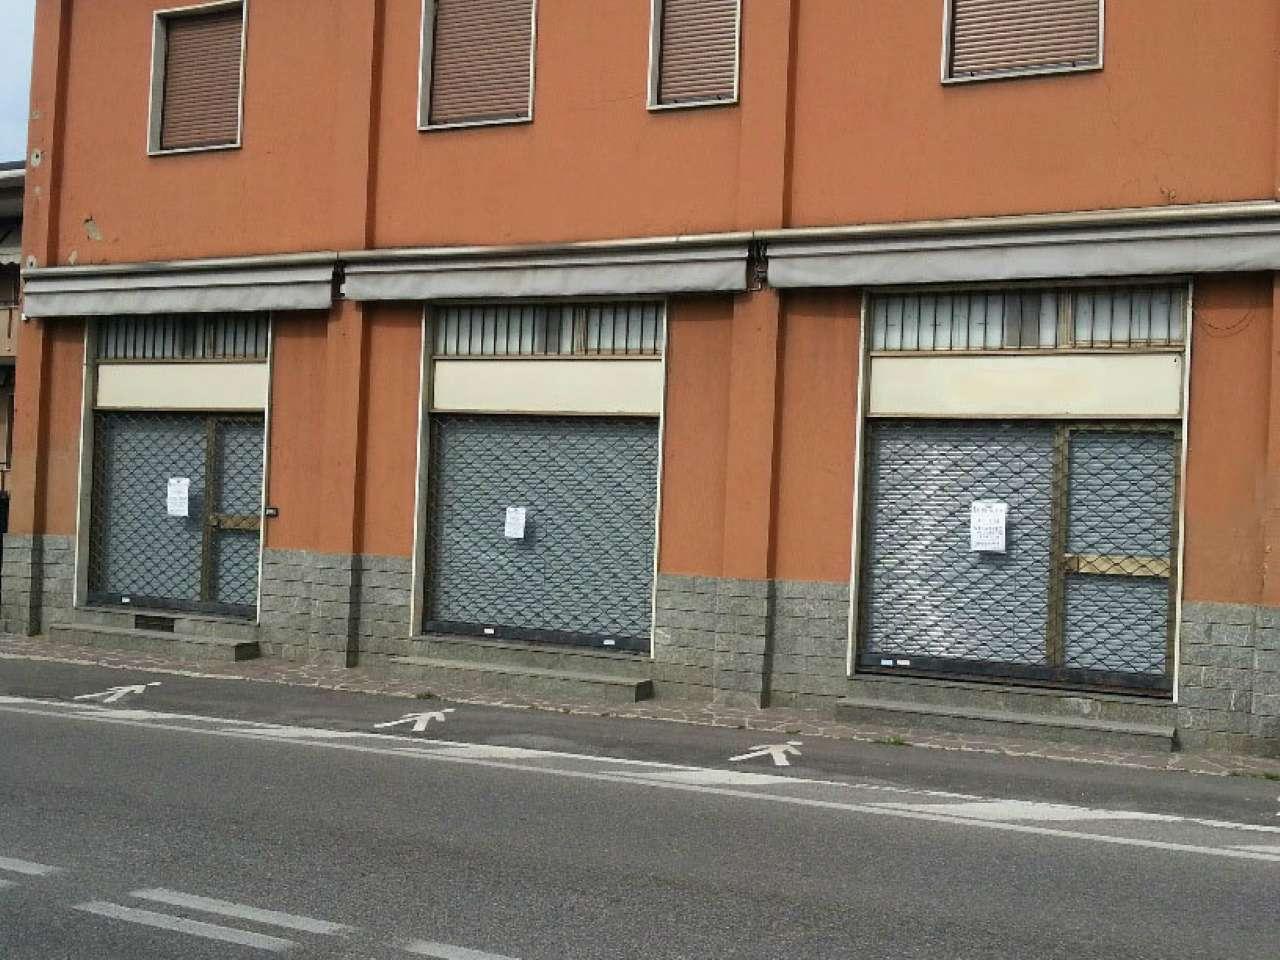 Negozio / Locale in affitto a Lesmo, 3 locali, prezzo € 1.500 | Cambio Casa.it